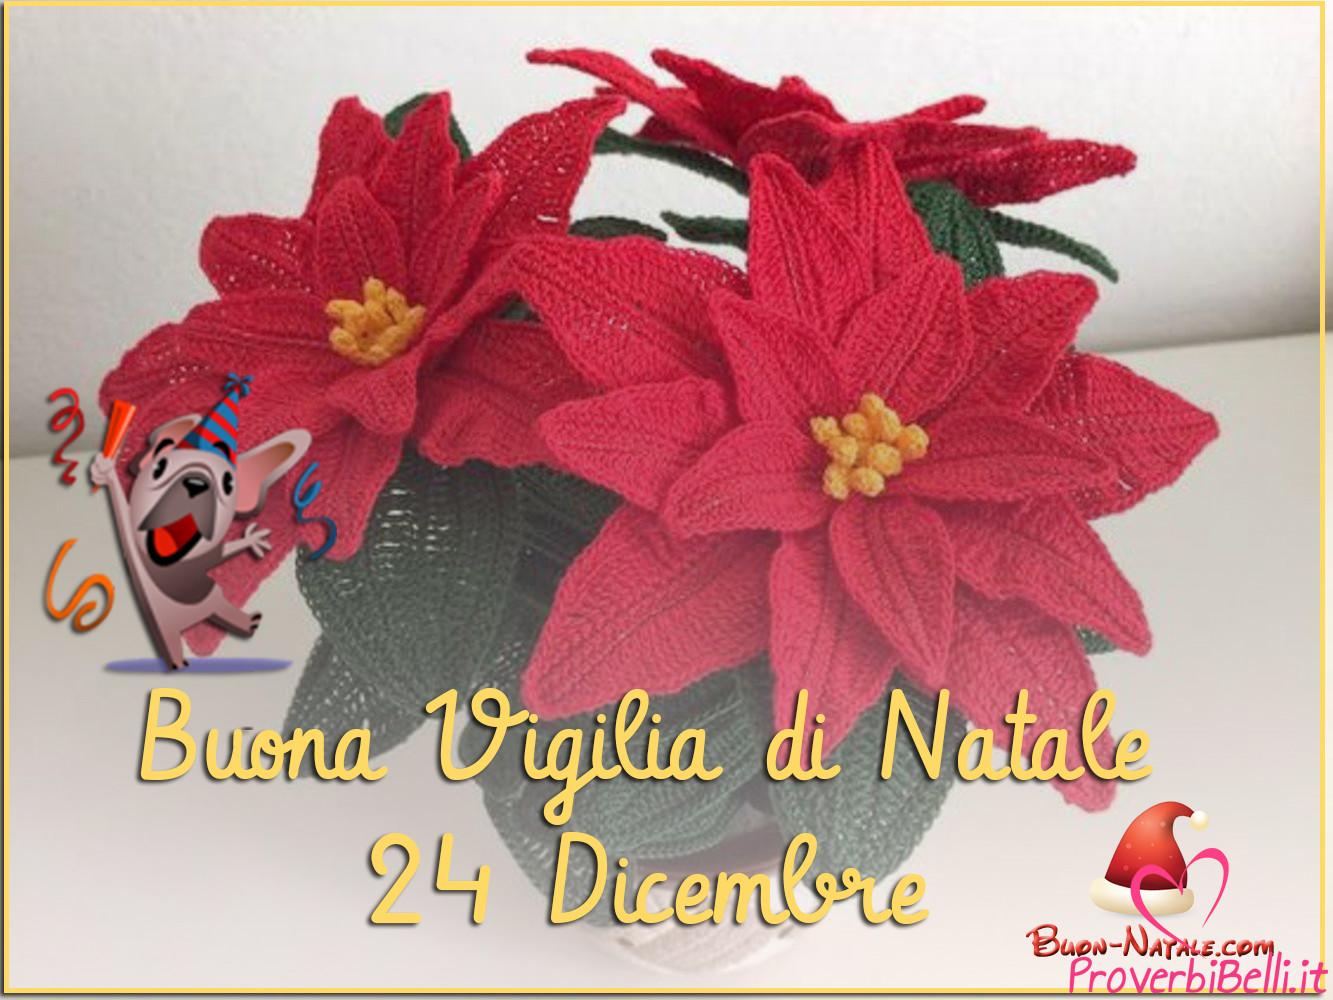 Buona Vigilia di Stella di Natale 24 Dicembre da Condividere su Whatsapp